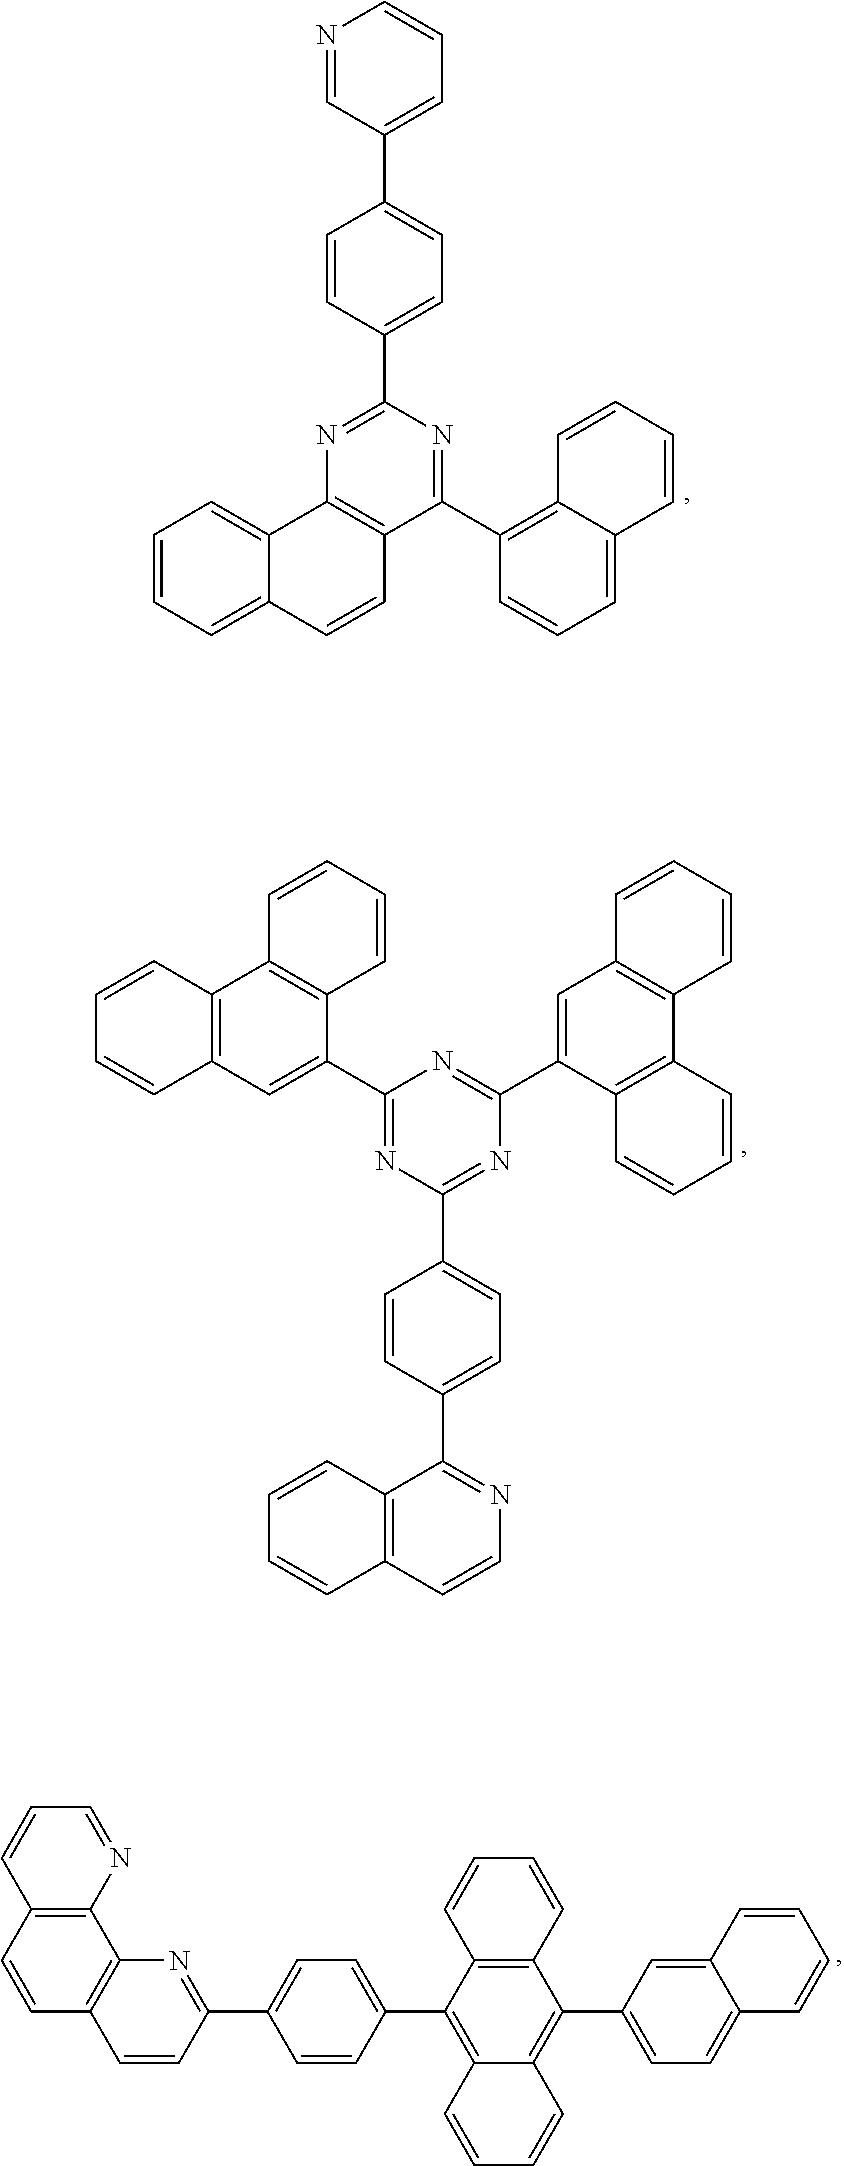 Figure US09859510-20180102-C00100